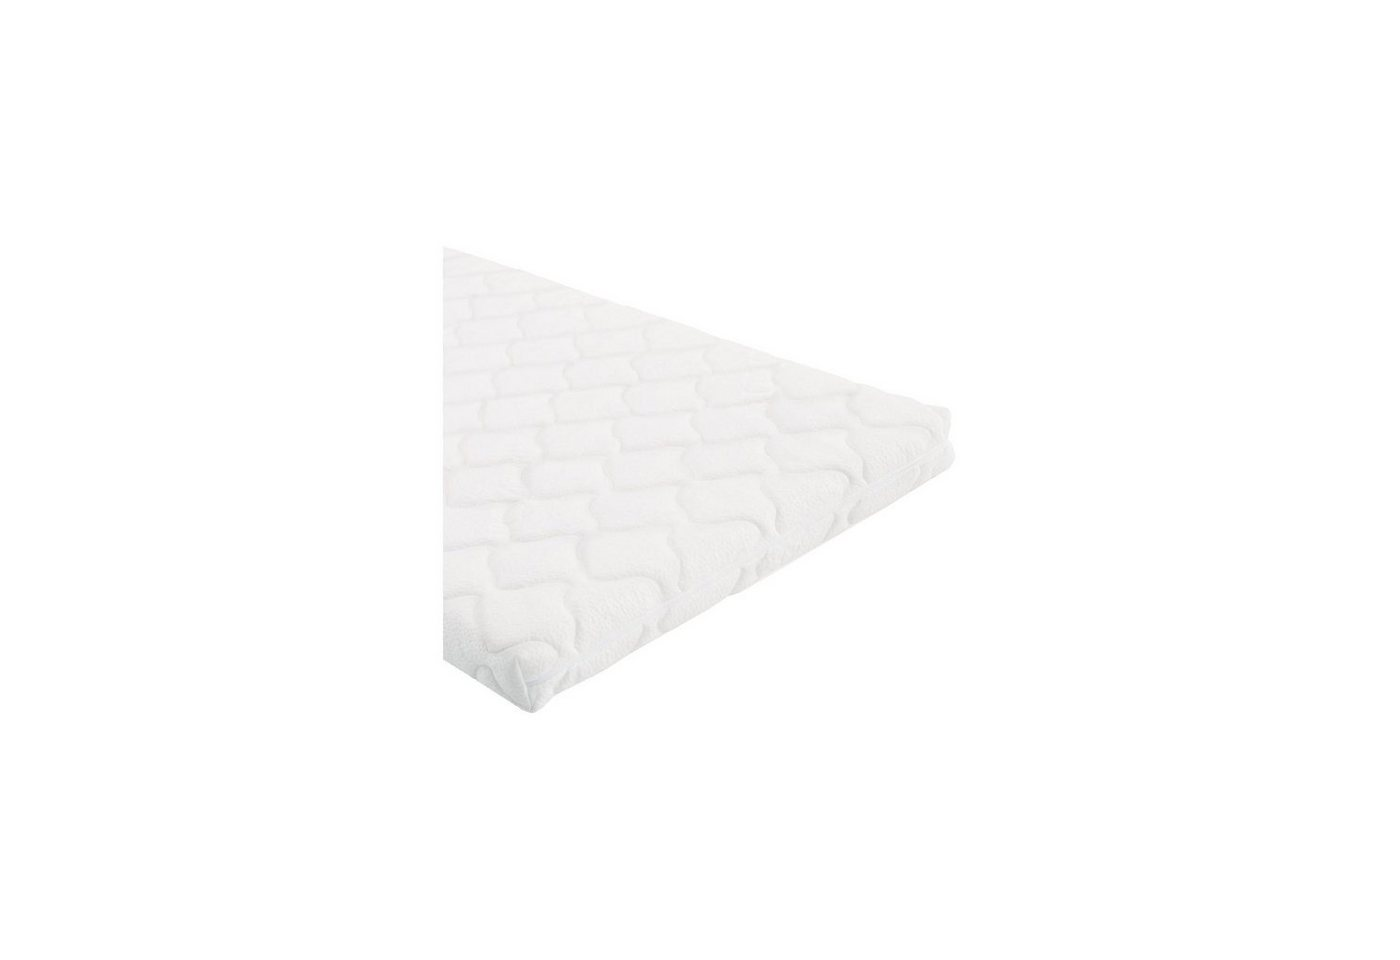 Pinolino® Kinder Matratze TENCEL, 70 x 140 cm   Kinderzimmer > Textilien für Kinder > Kinderbettwäsche   Weiß   Pinolino®